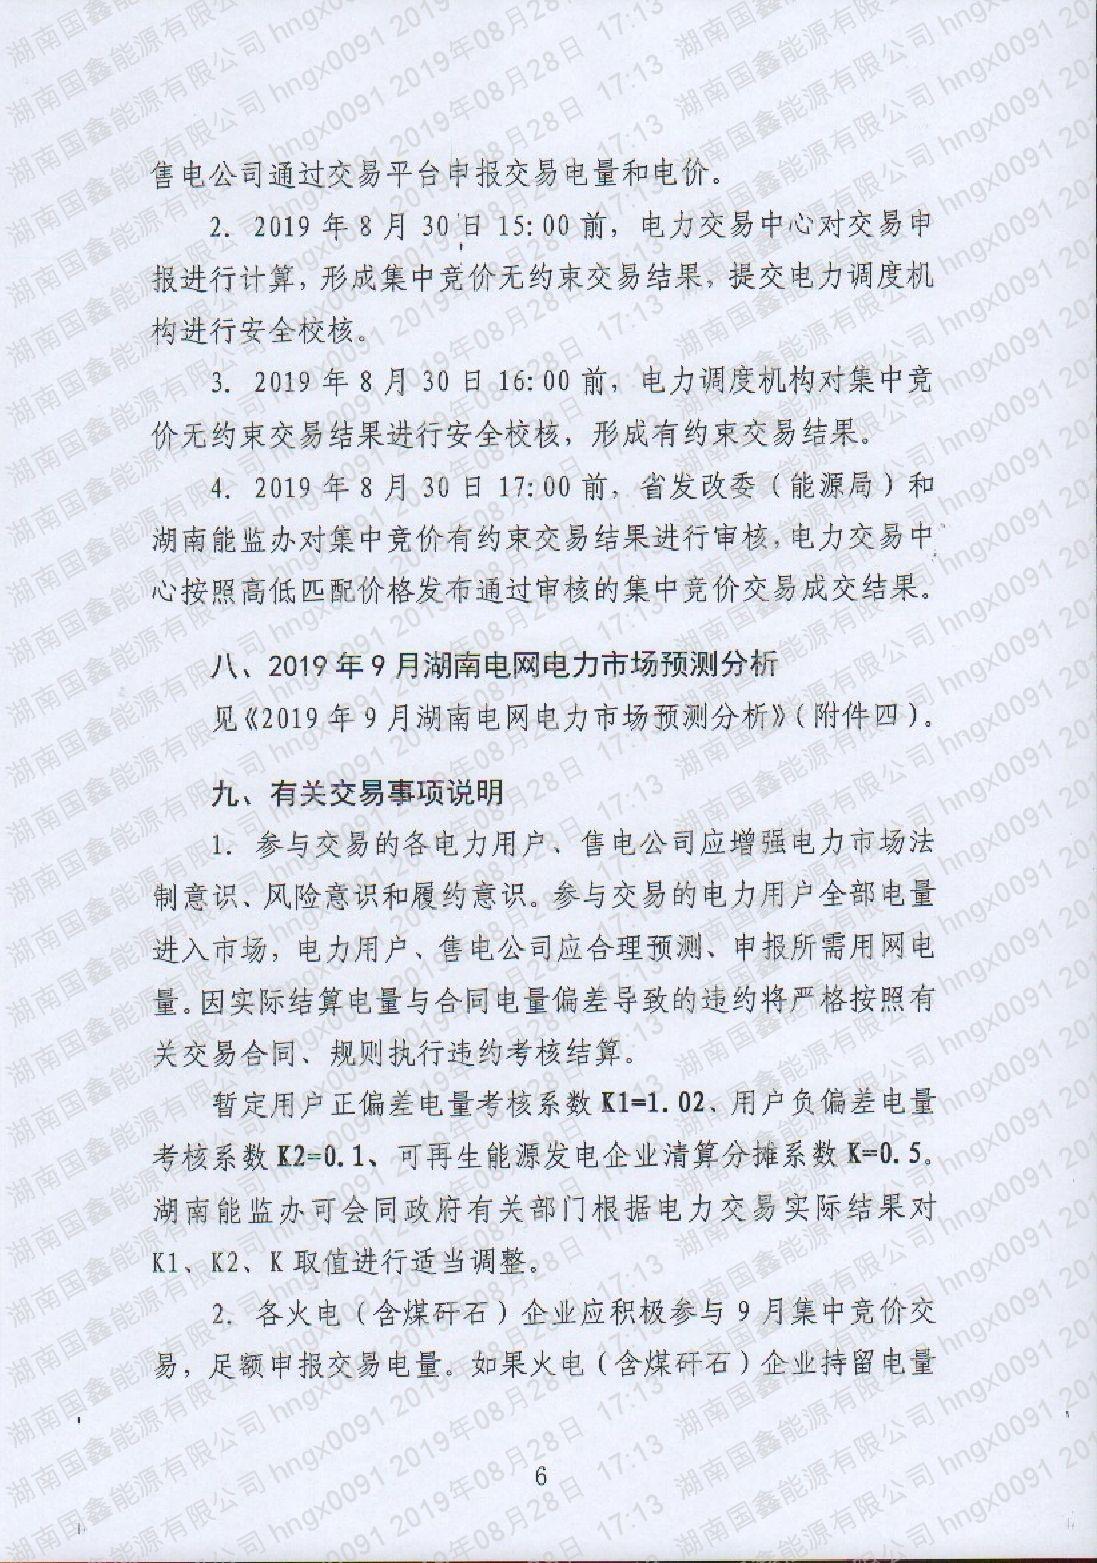 2019年第20號交易公告(9月月度交易).pdf_page_6_compressed.jpg